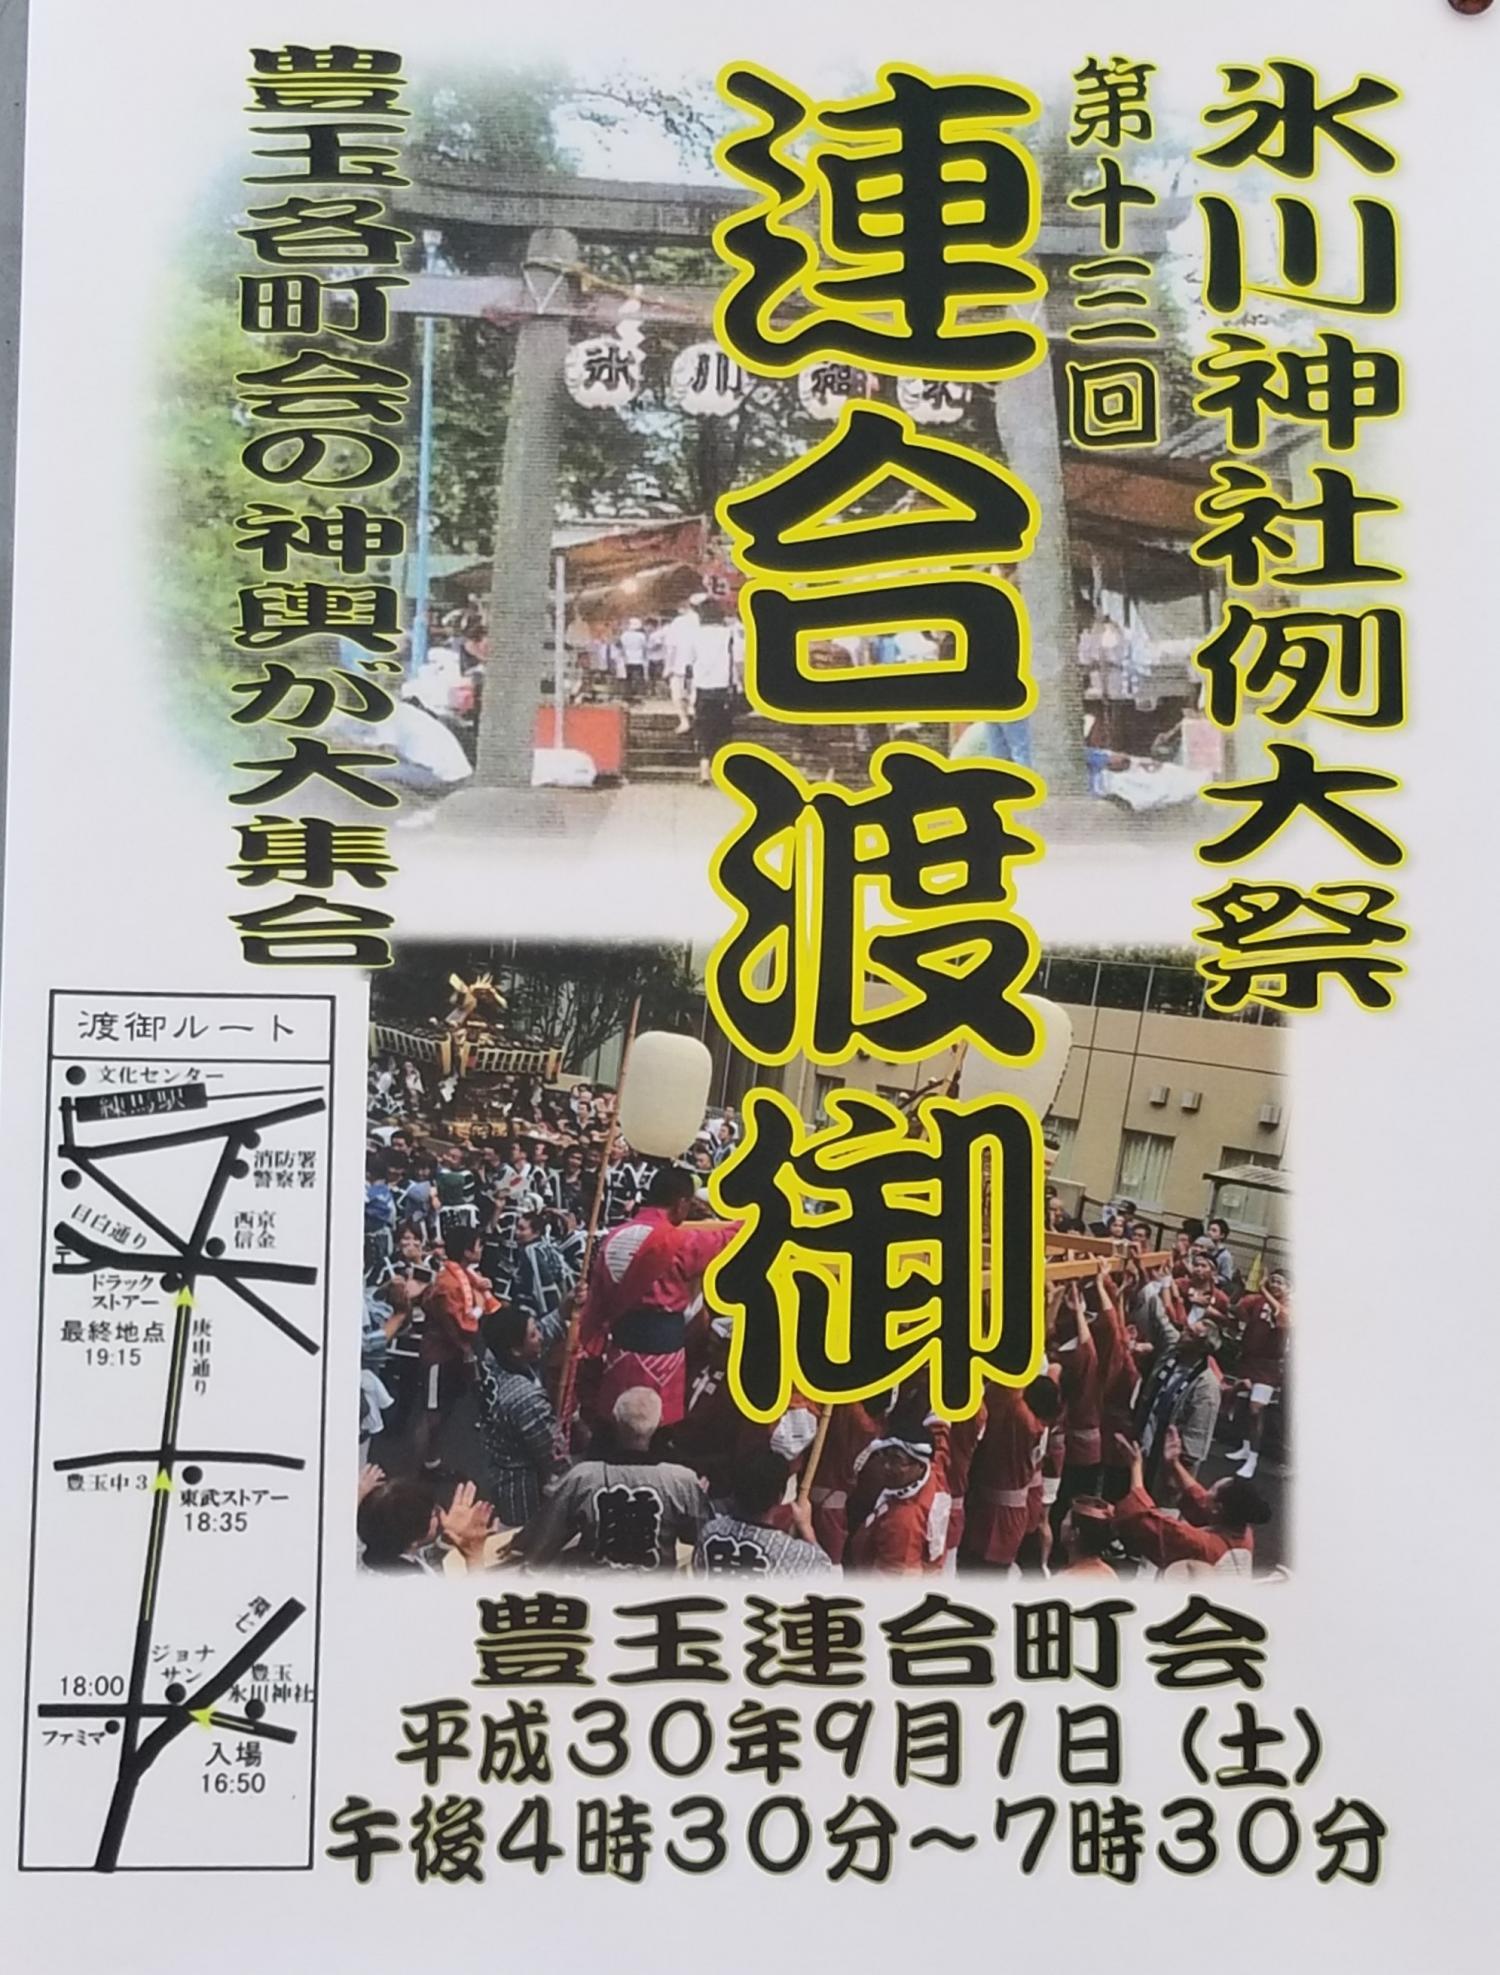 제13회 도요타마 히카와신사 레이타이사이 축제 연합 천황의 행차